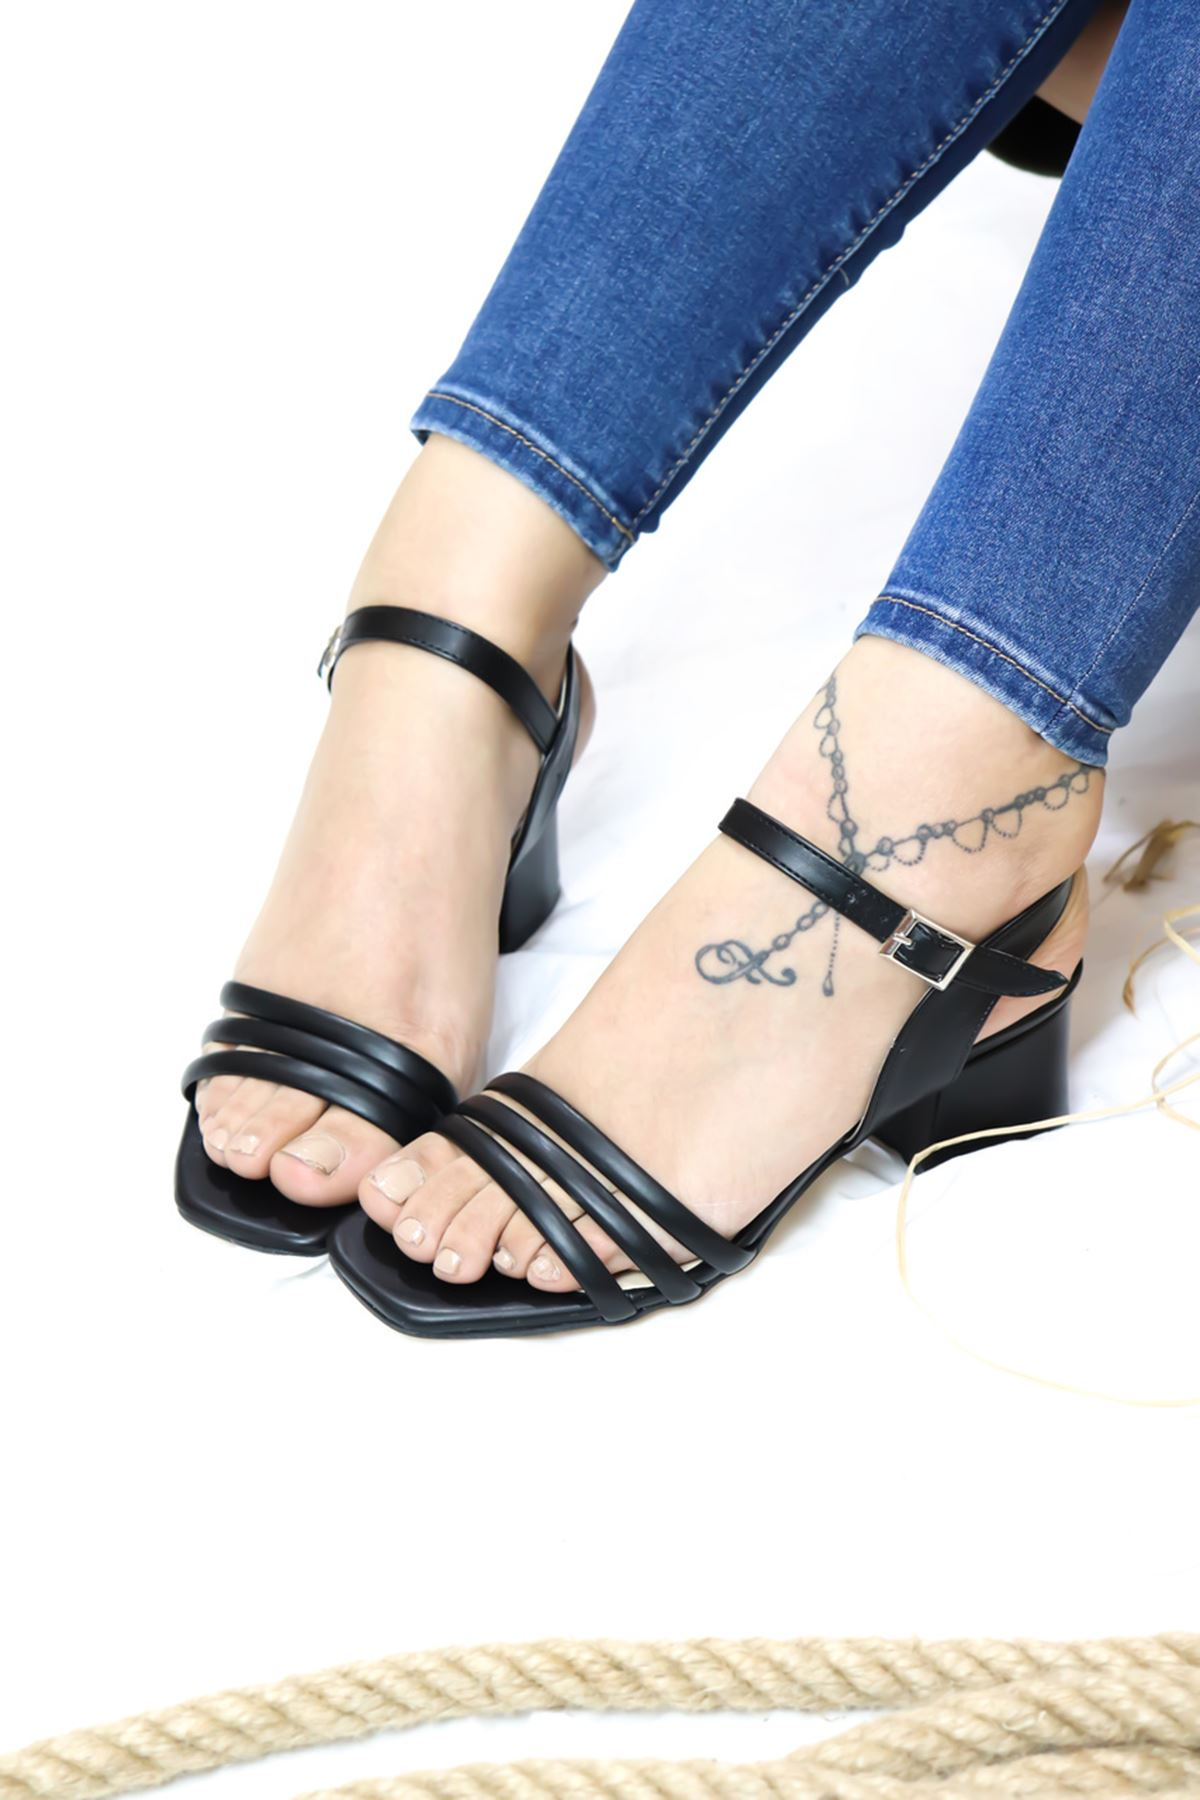 Trendayakabı - Siyah çift Bant Detaylı Topuklu Kadın Ayakkabı